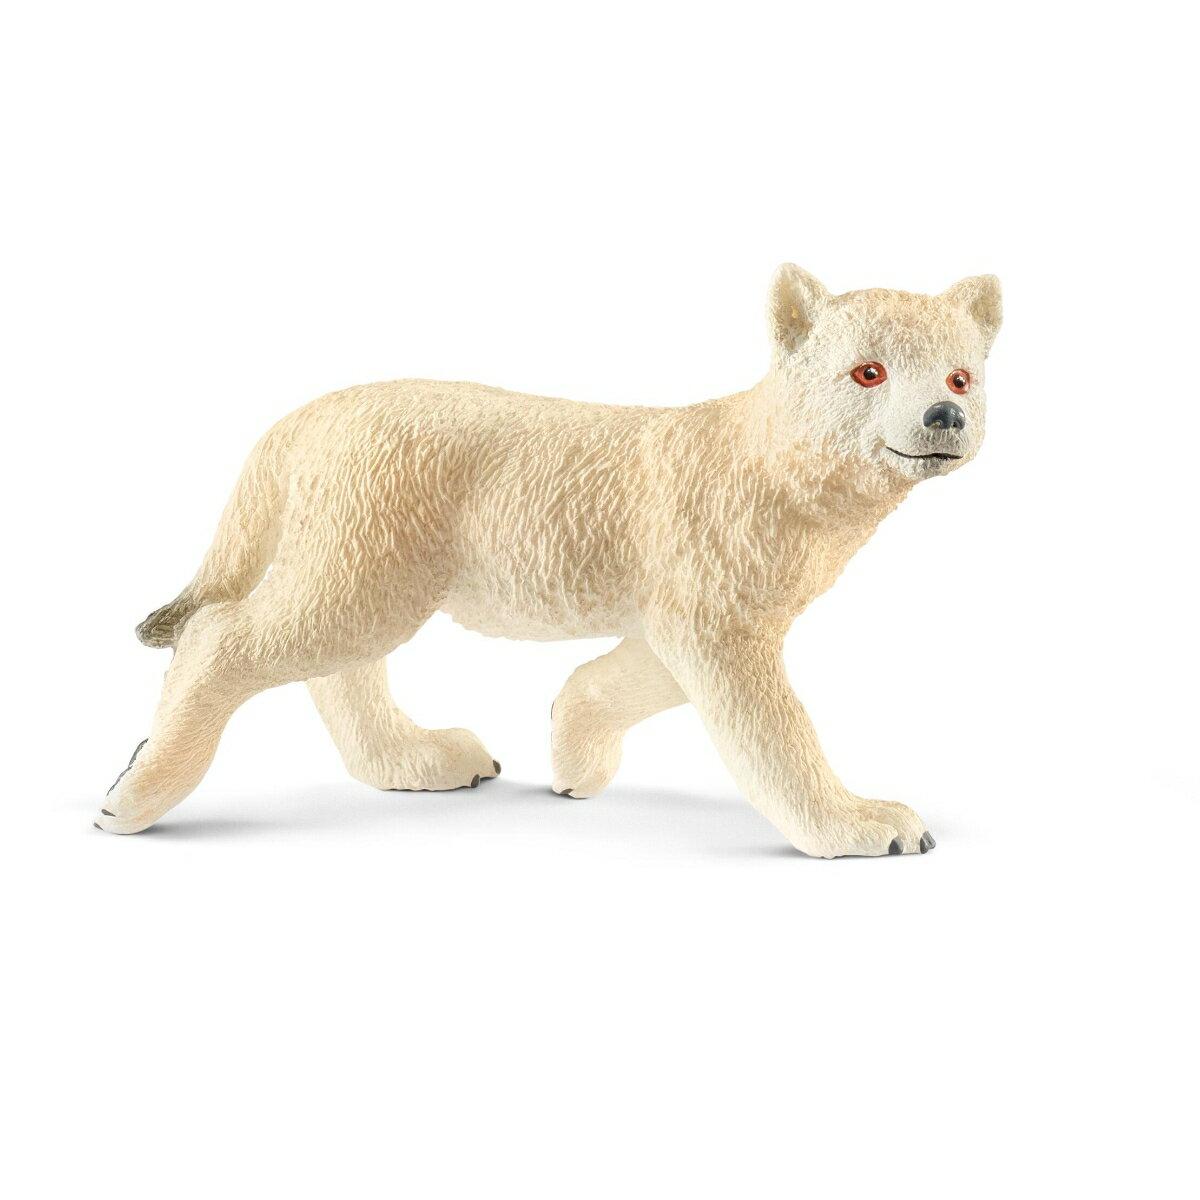 14804 ホッキョクオオカミ(仔) 【シュライヒ】 Wild Life/ワイルドライフ